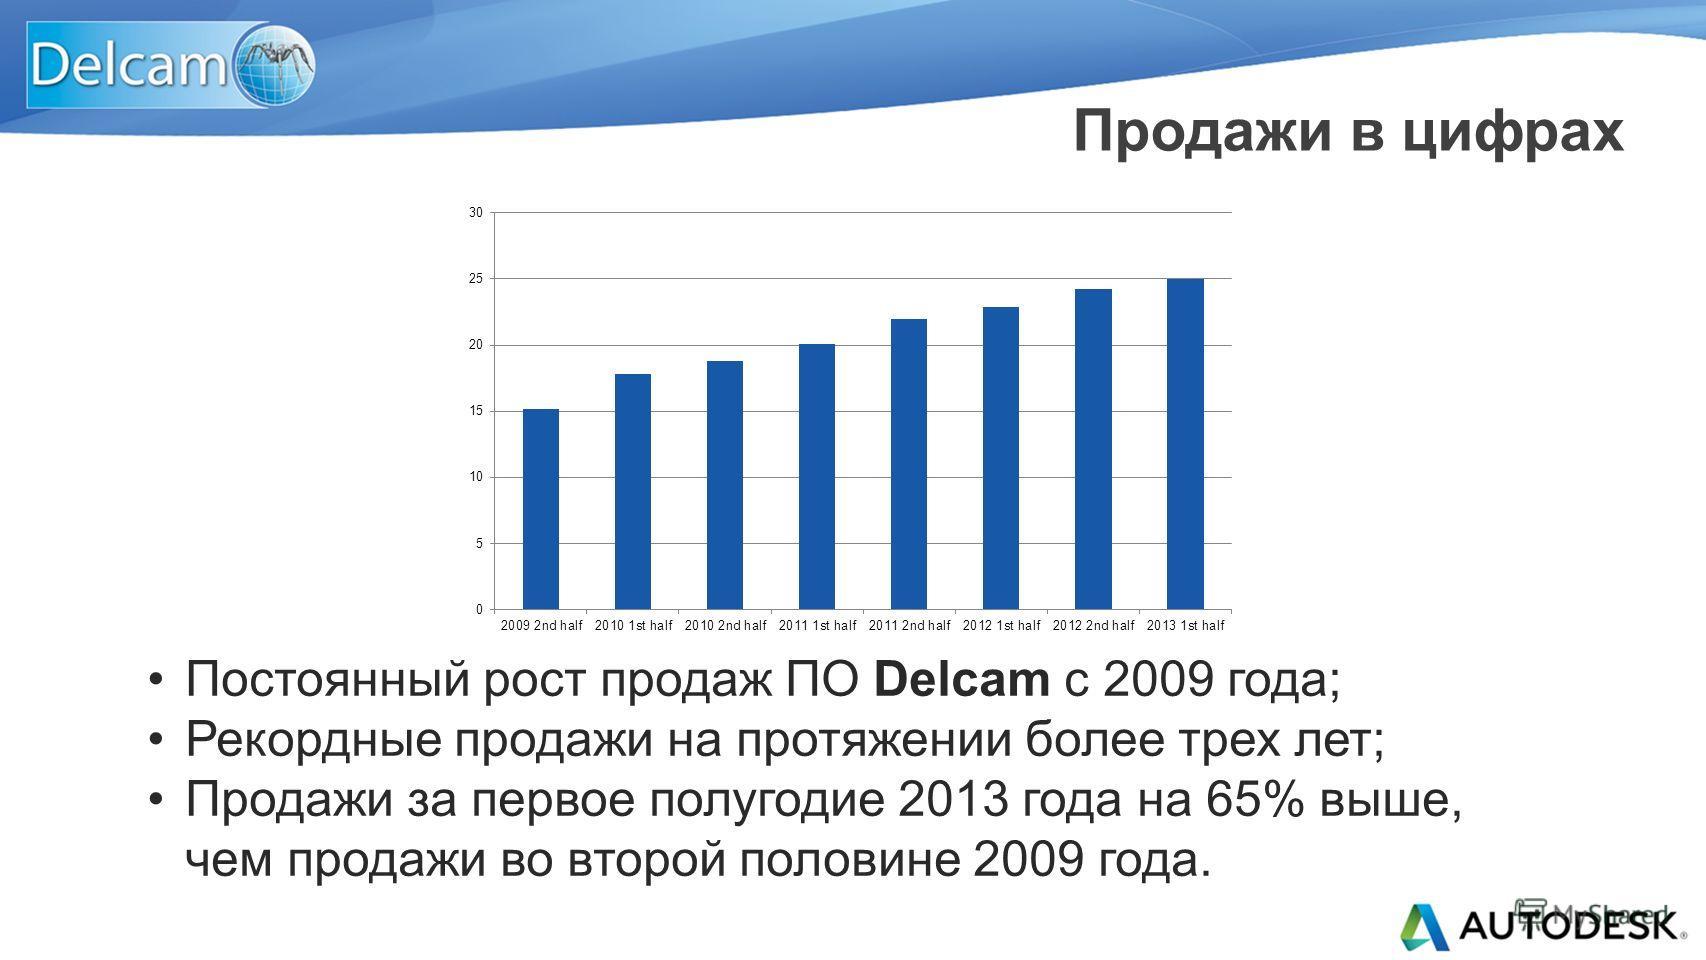 Продажи в цифрах Постоянный рост продаж ПО Delcam с 2009 года; Рекордные продажи на протяжении более трех лет; Продажи за первое полугодие 2013 года на 65% выше, чем продажи во второй половине 2009 года.